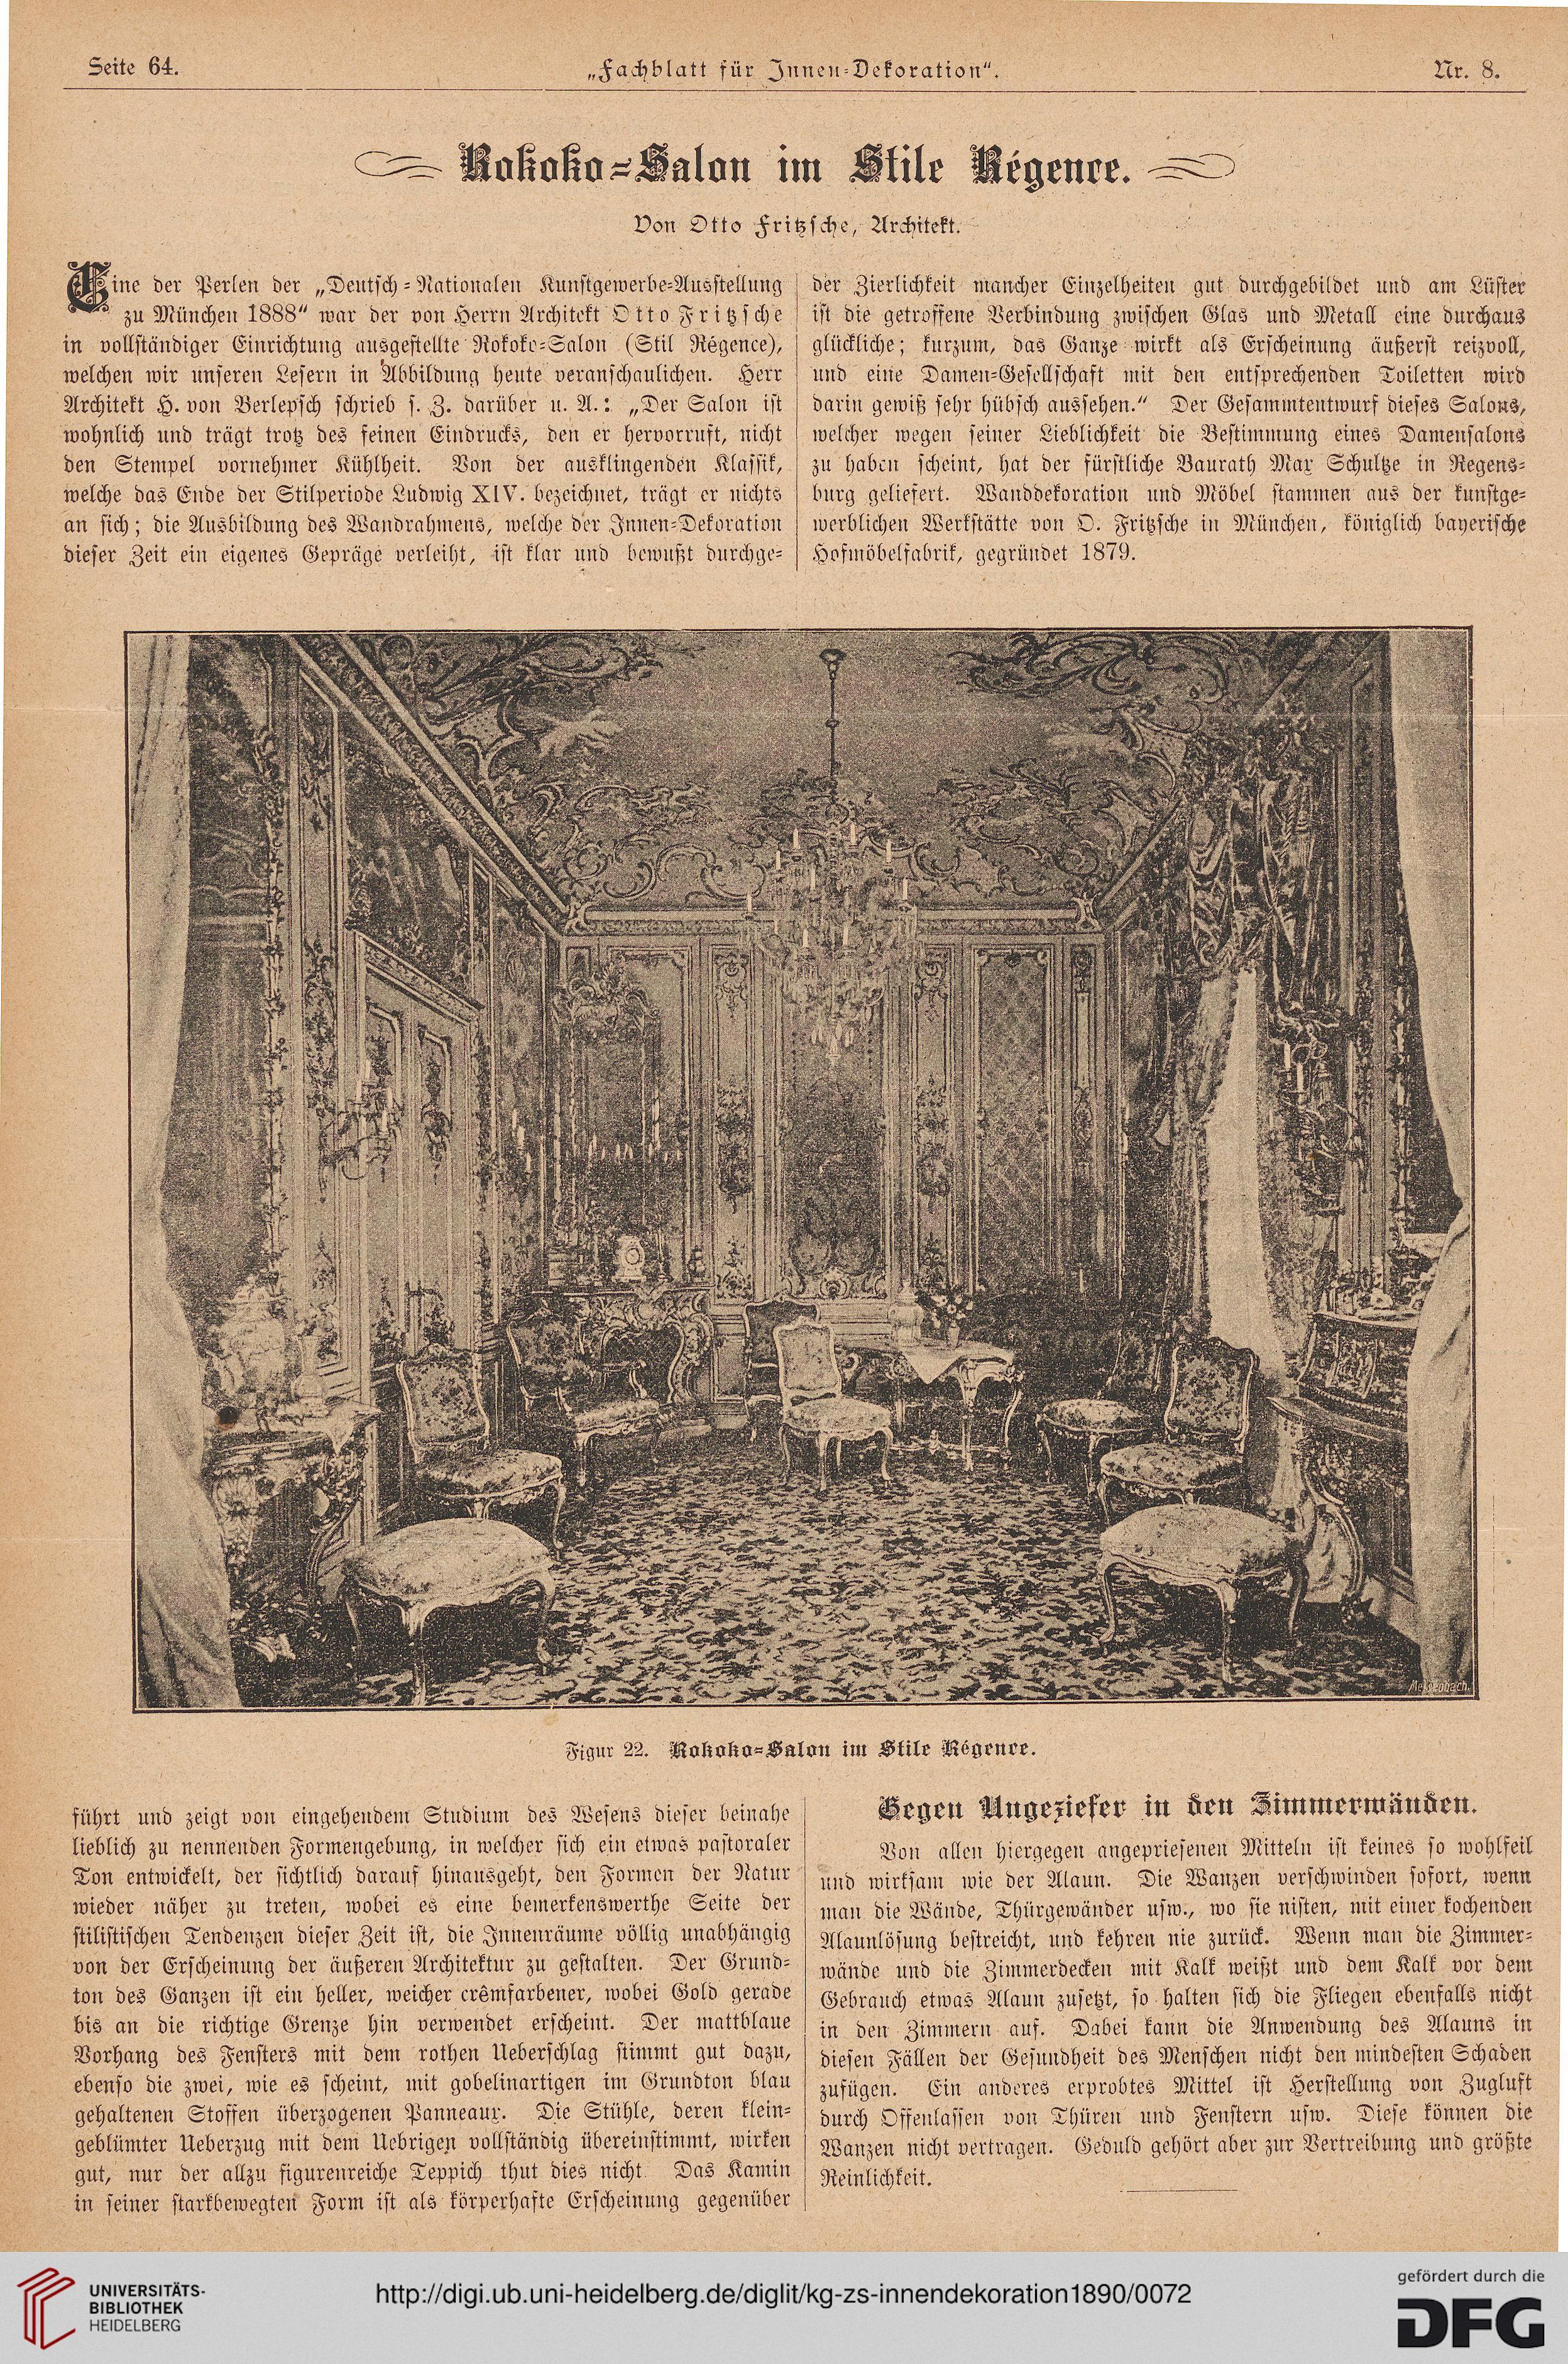 Illustrirte kunstgewerbliche Zeitschrift für Innendekoration (1.1890)